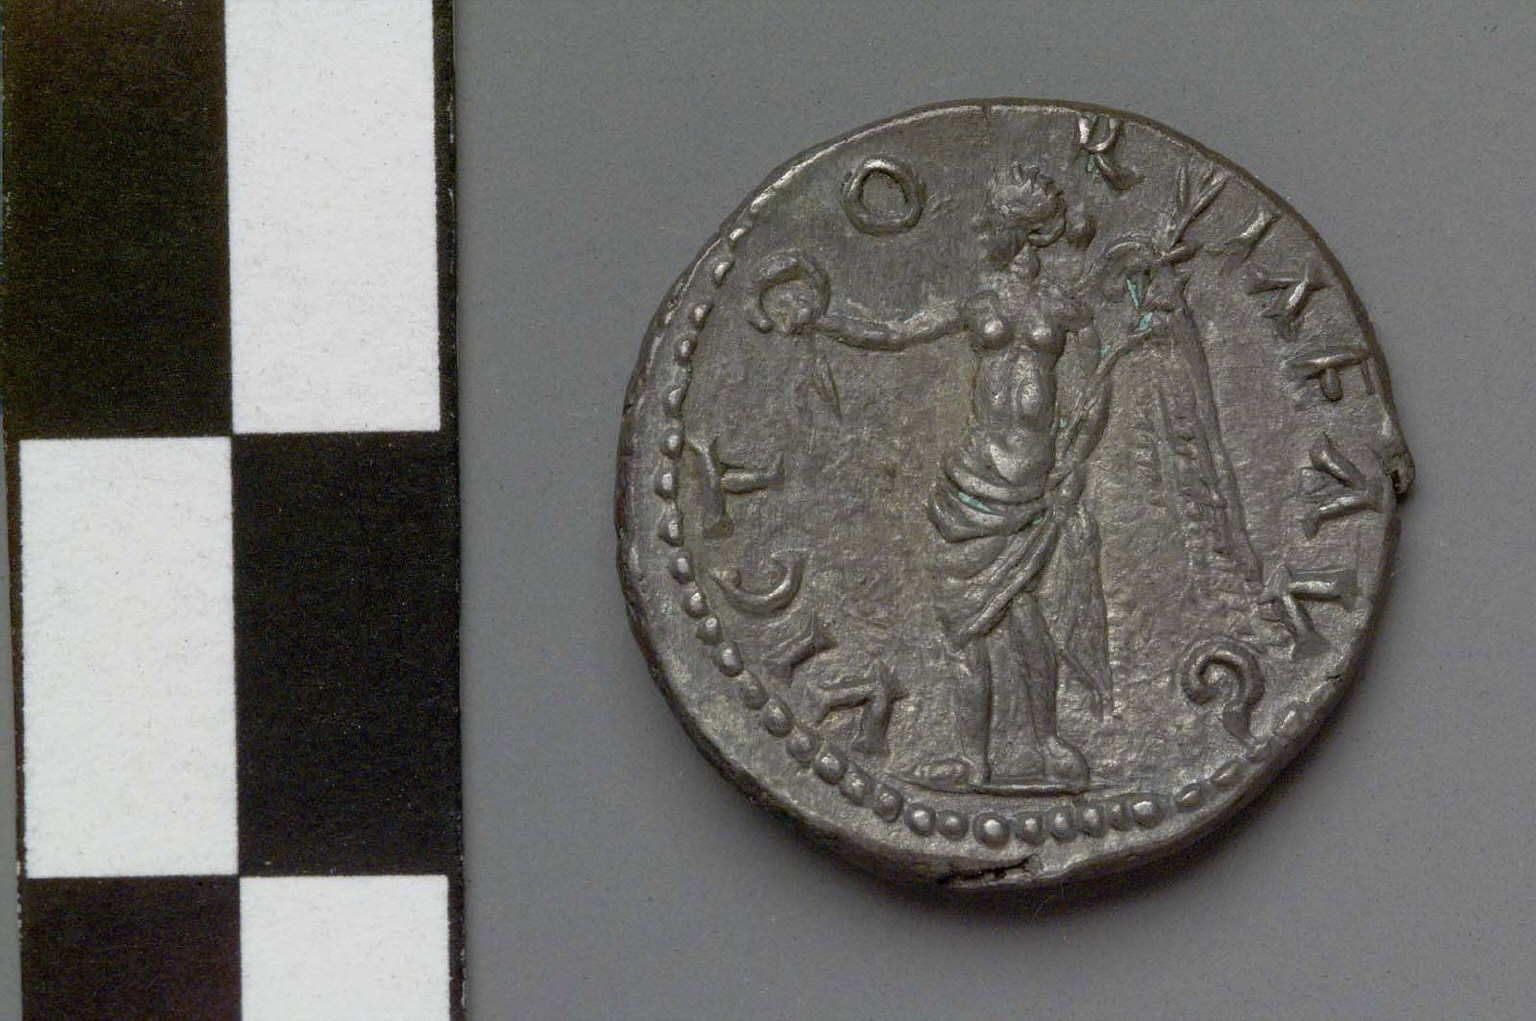 Denarius with bust of Pescennius Niger